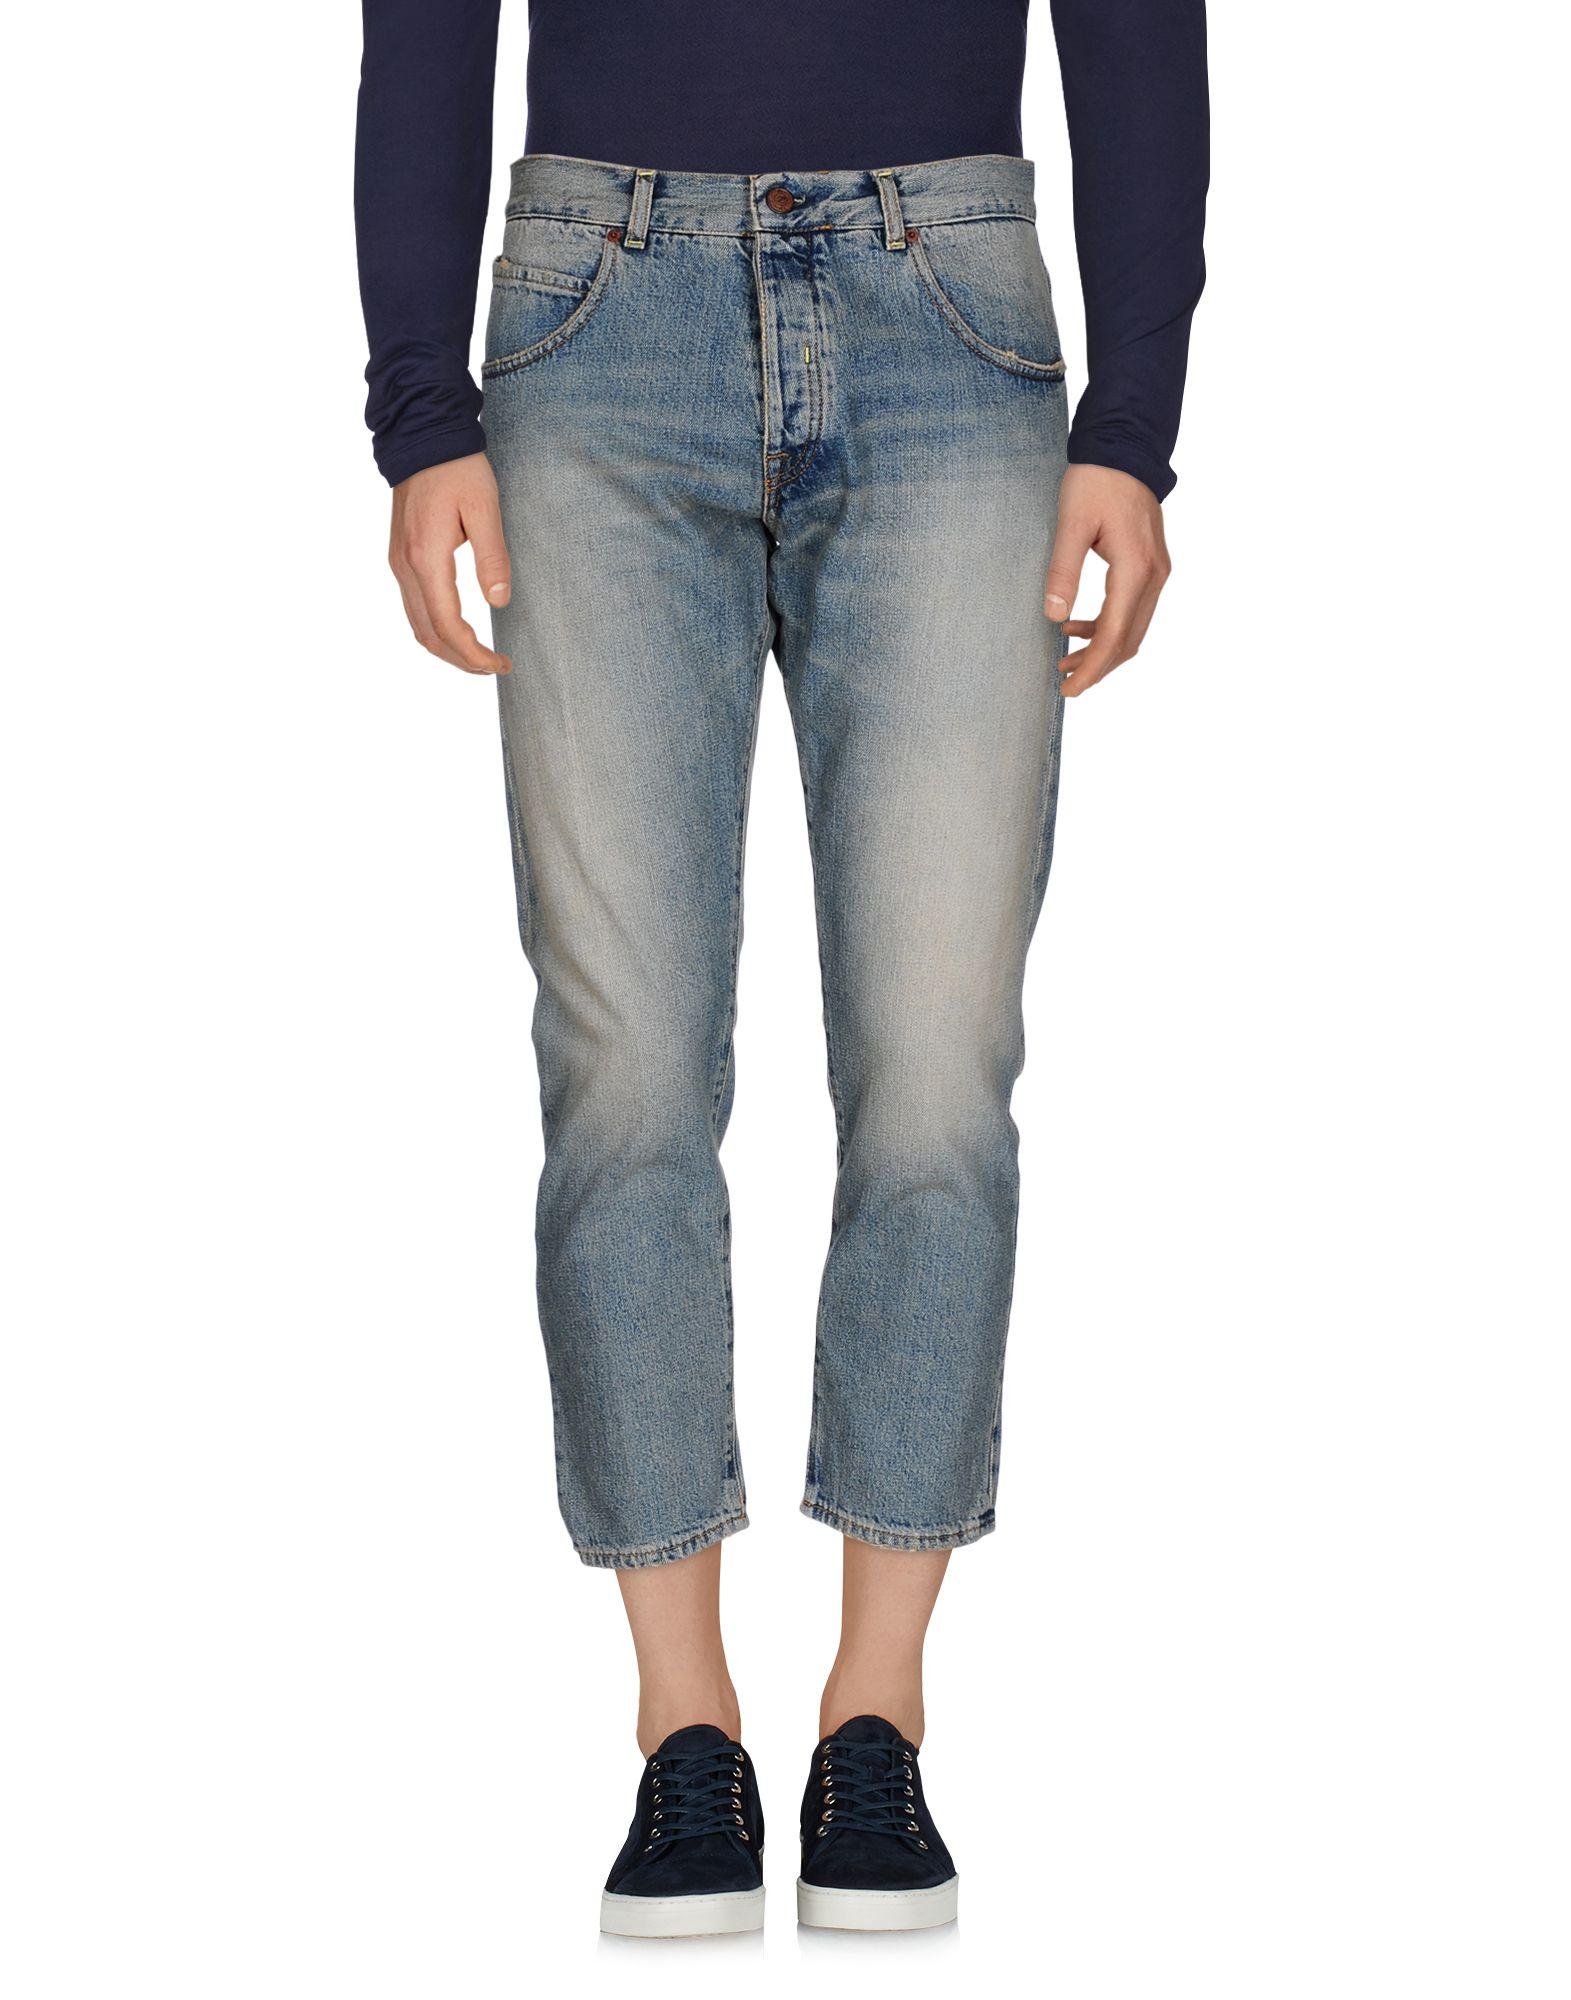 Pantaloni Jeans 2W2m 2W2m Jeans Uomo - 42604795PT b3af5d